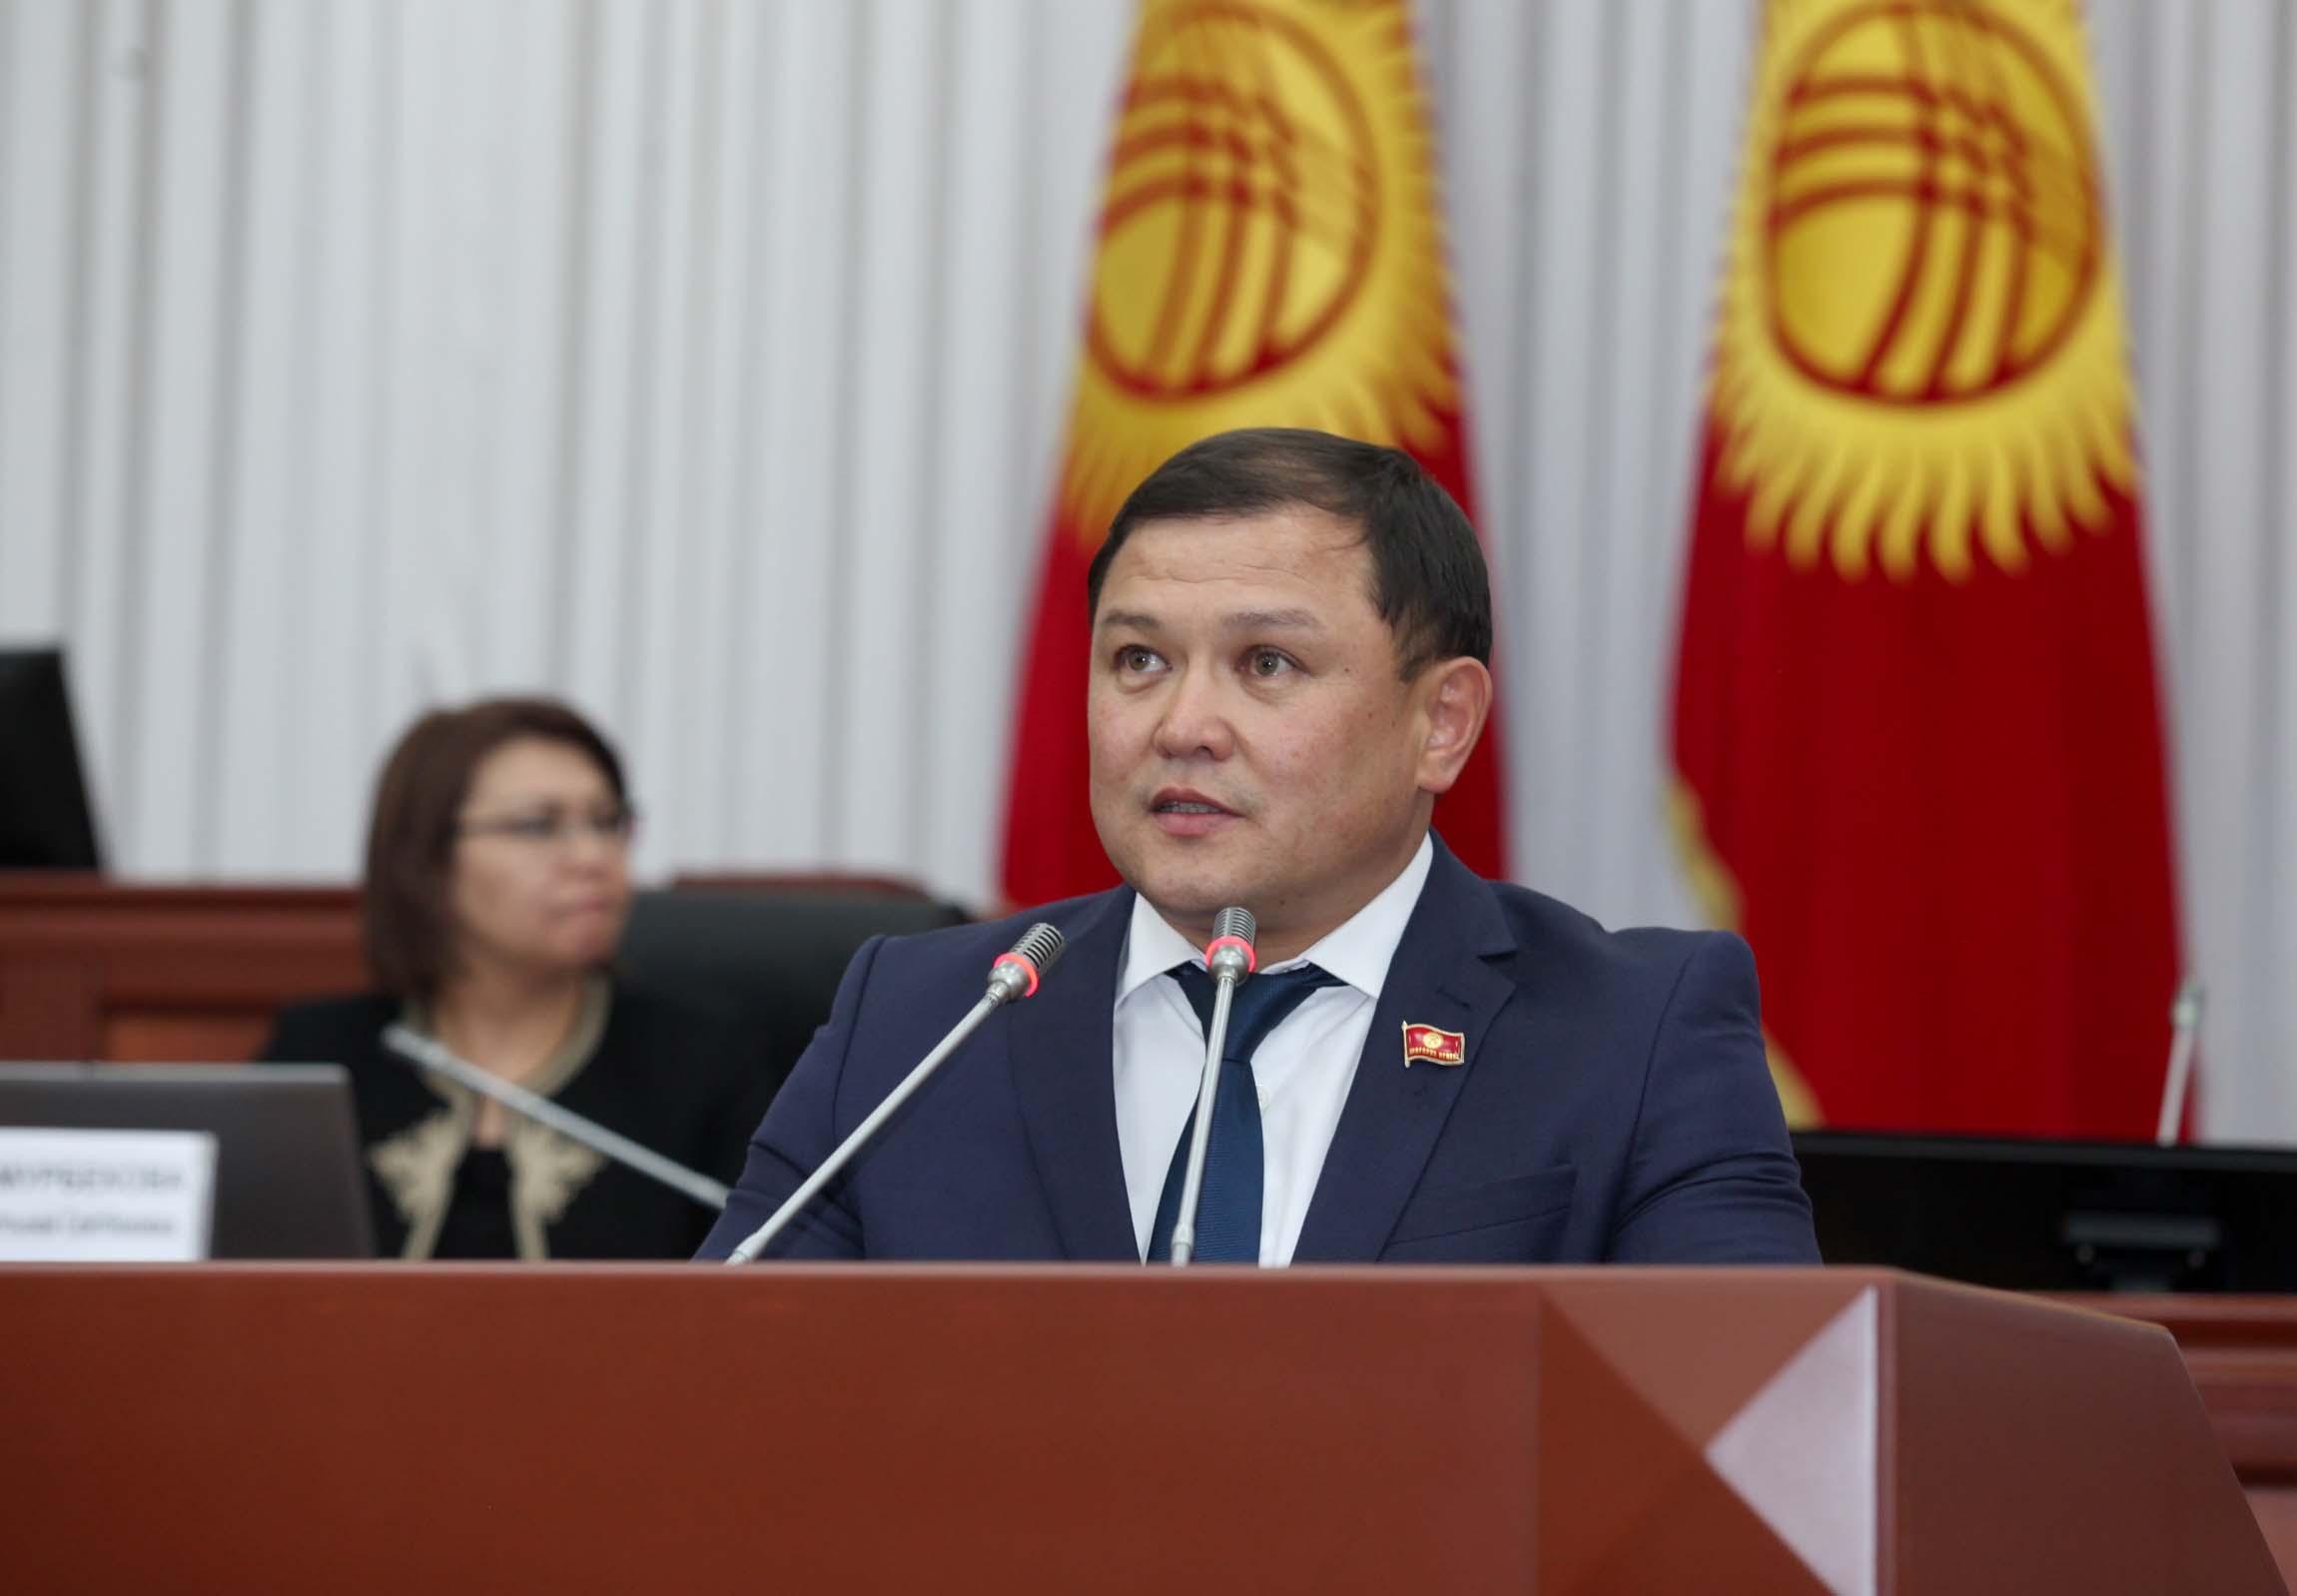 Дастанбек Жумабеков: Бүгүнкү күндө кыргыз тилинде жазуу, сүйлөө биз күткөн абалда болбой жатат